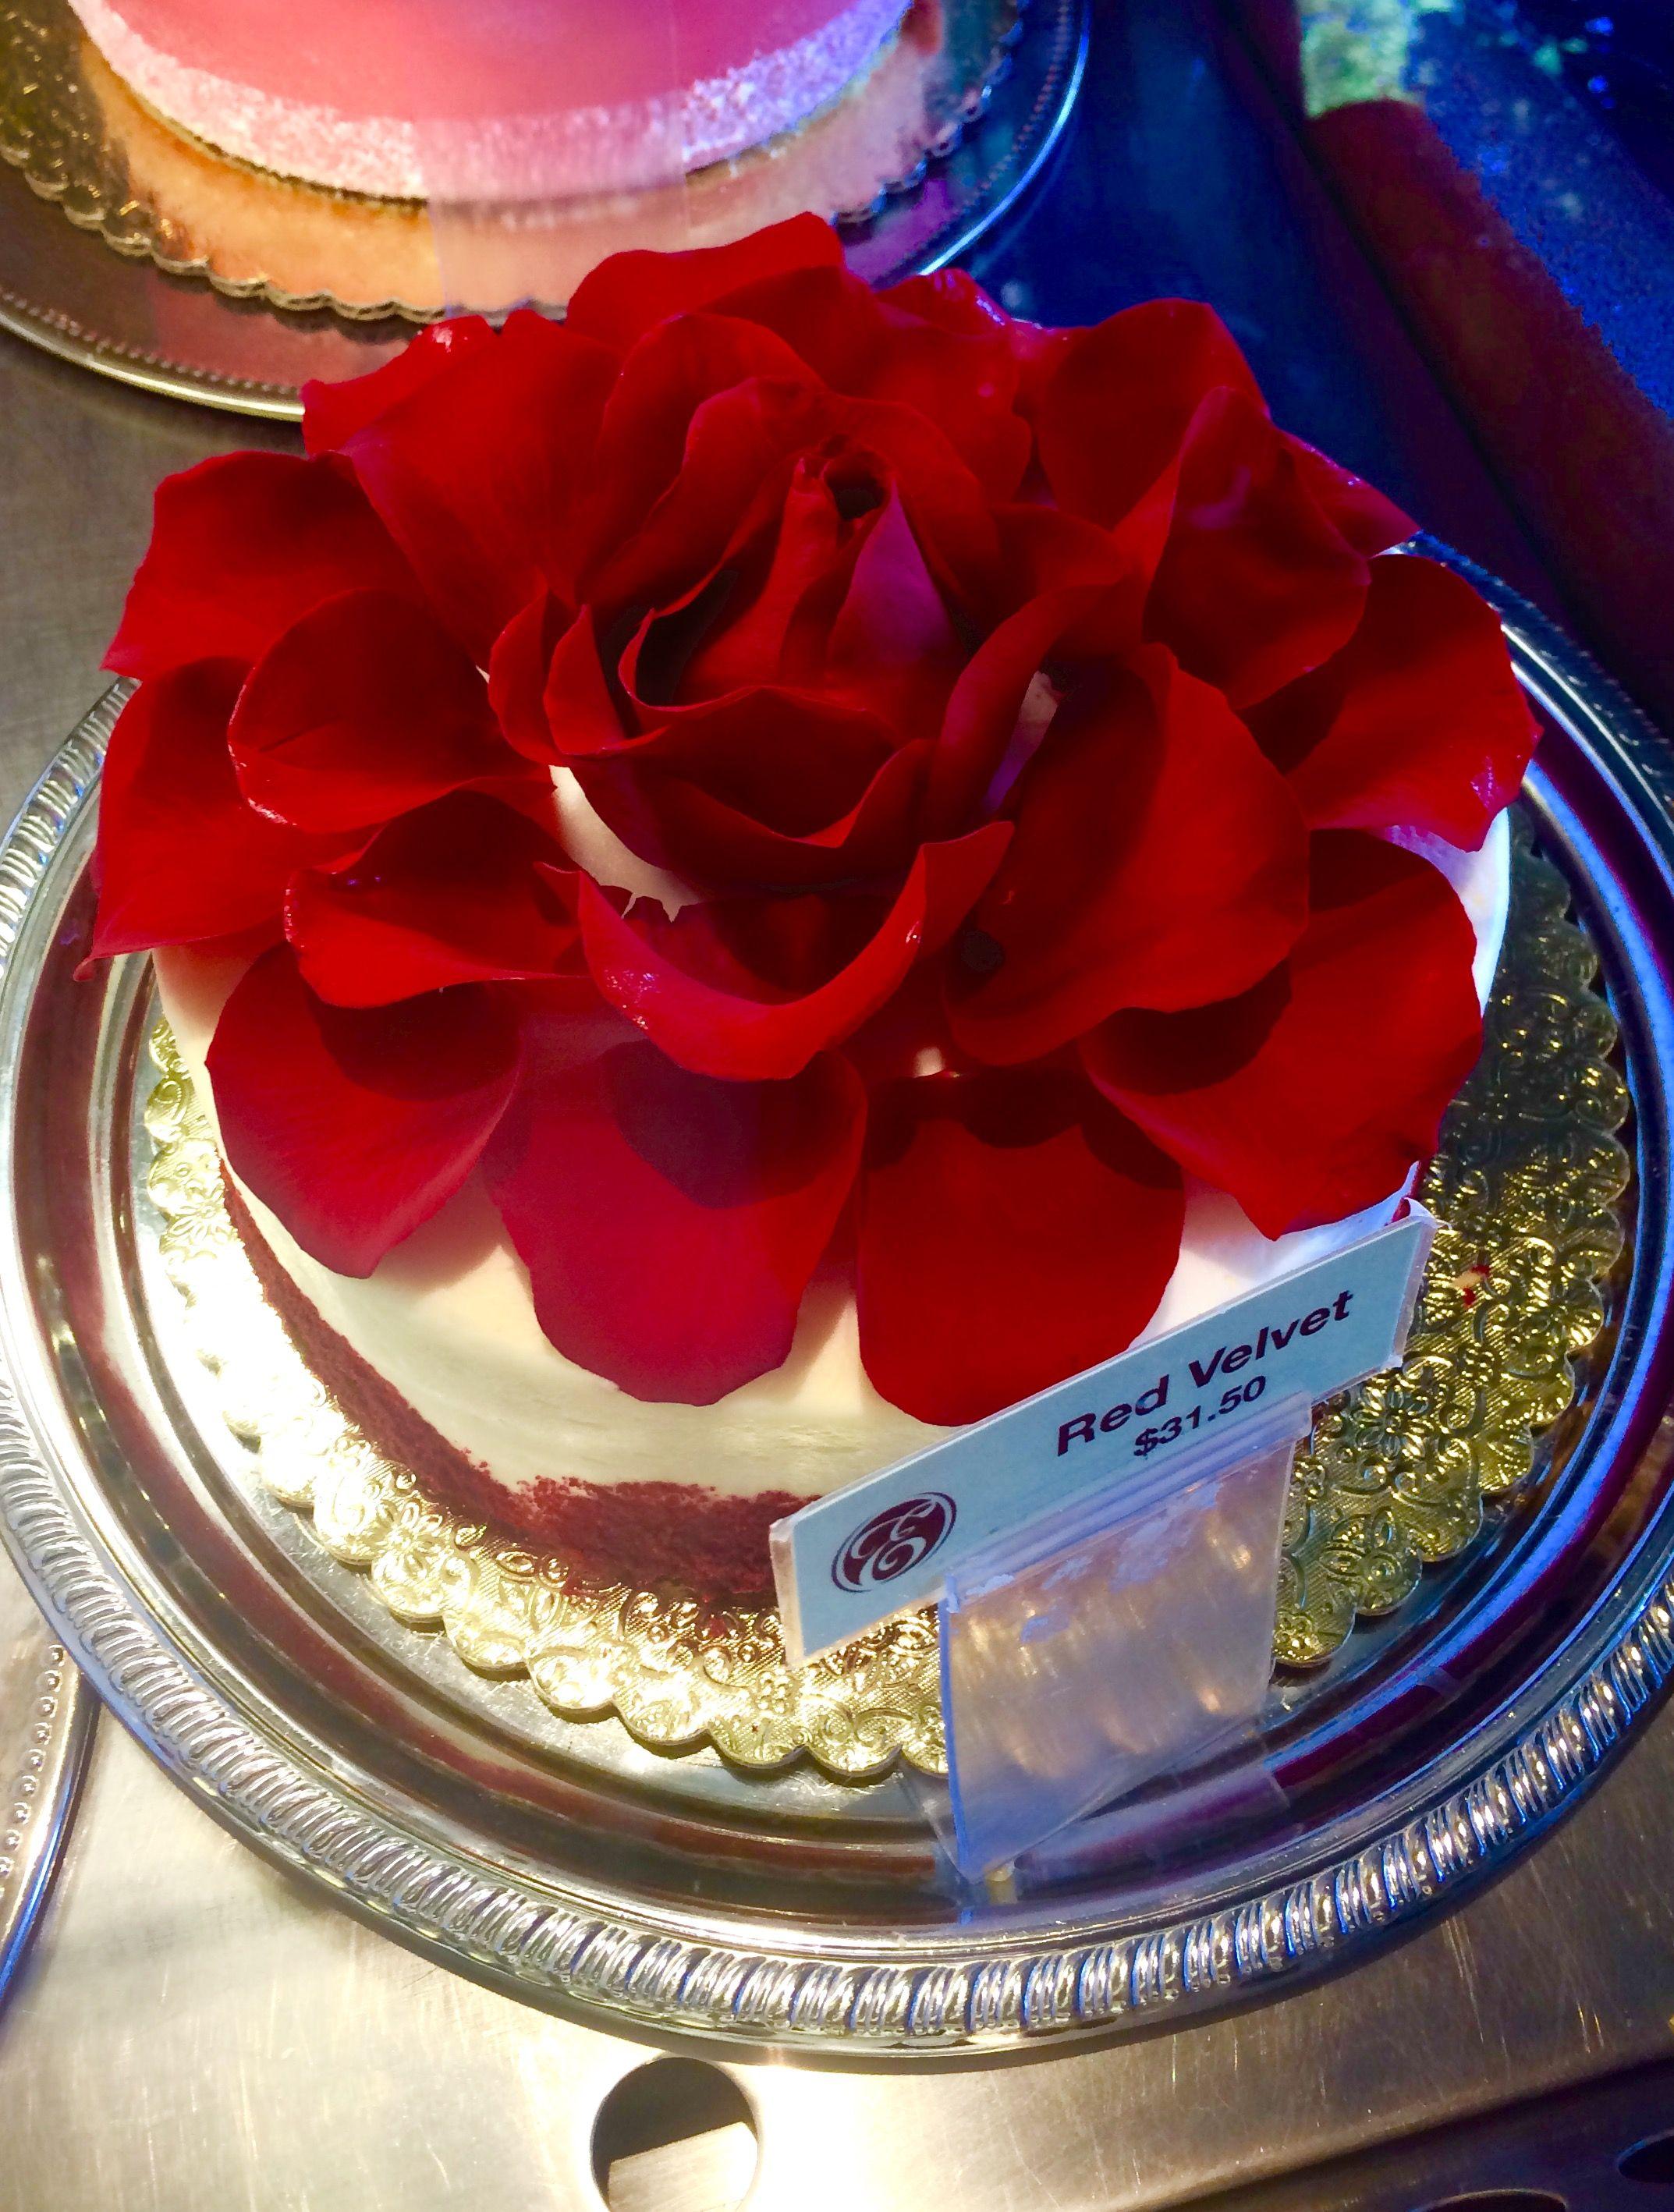 Red Velvet Cake From Ettore's European Bakery & Restaurant